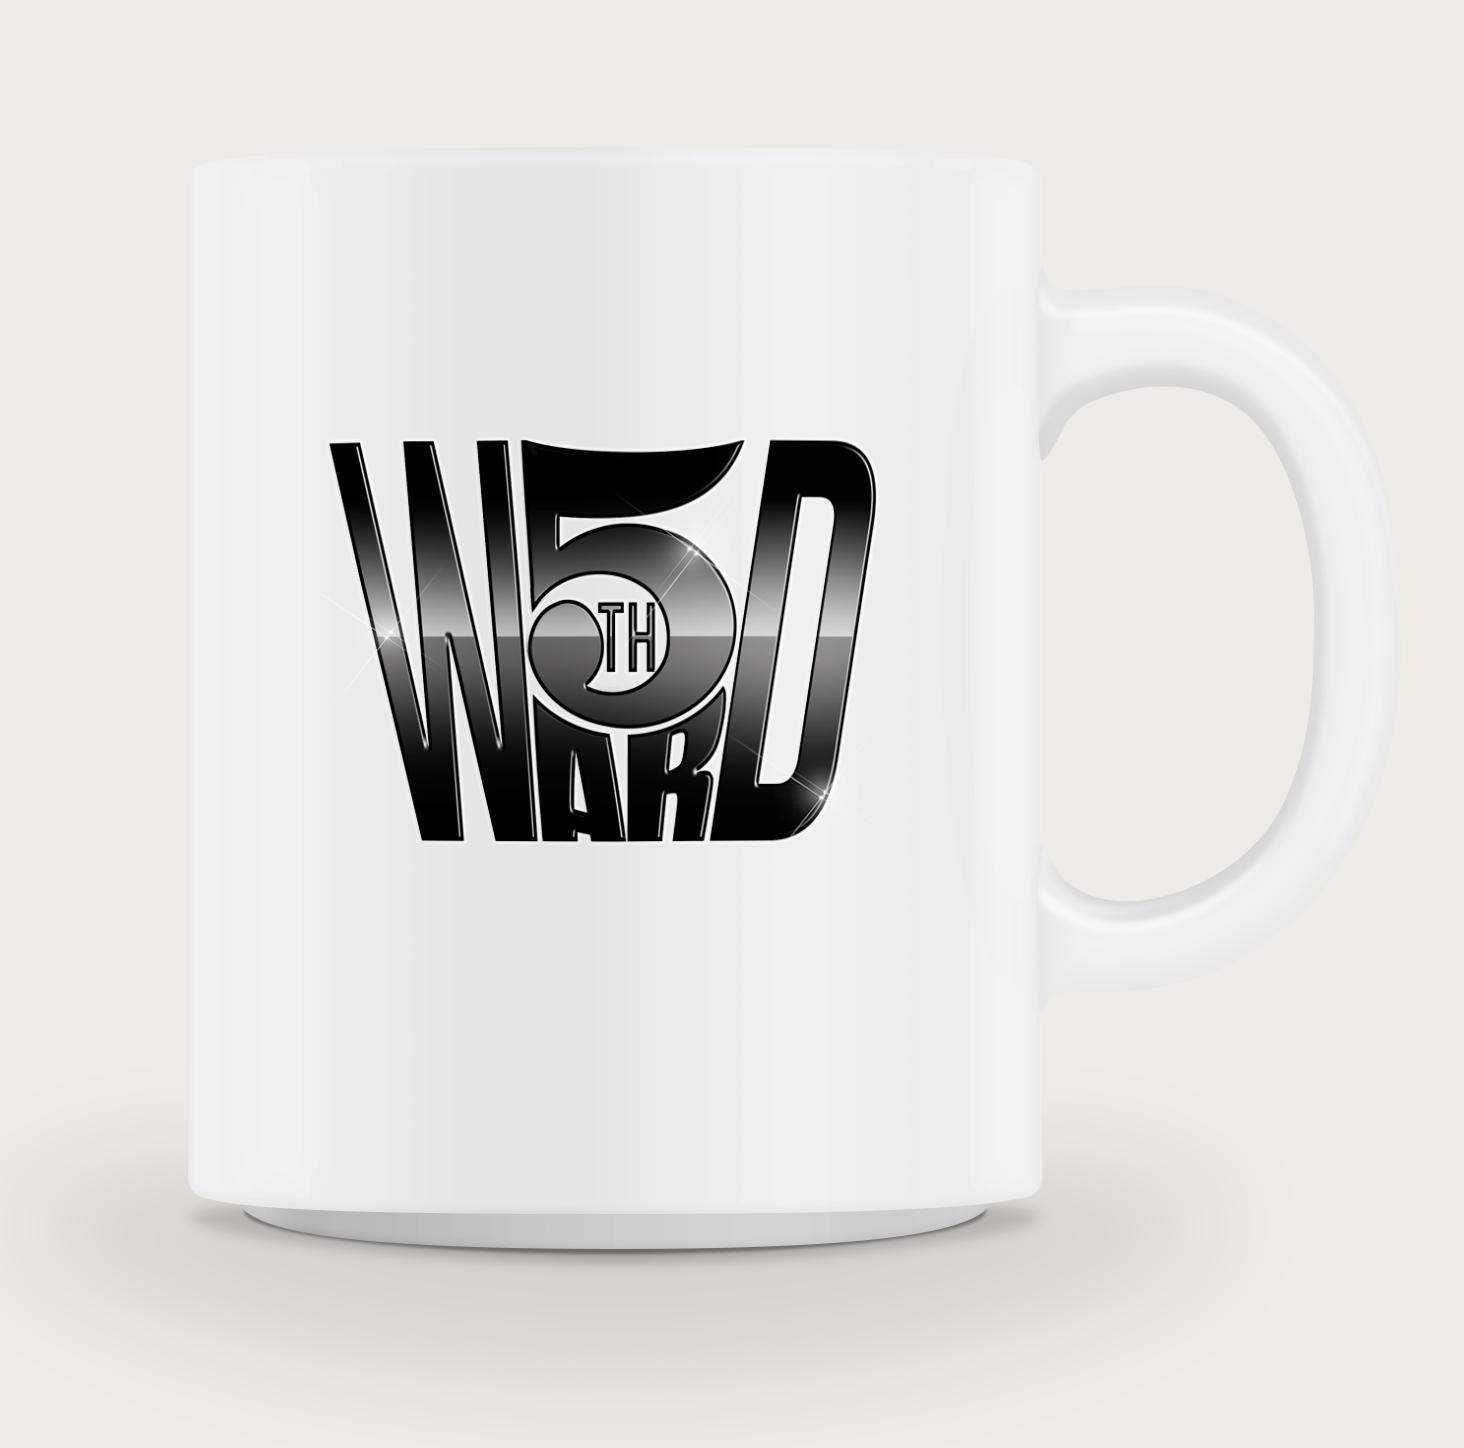 5th-ward-Coffee-Mug-Mockup.jpg